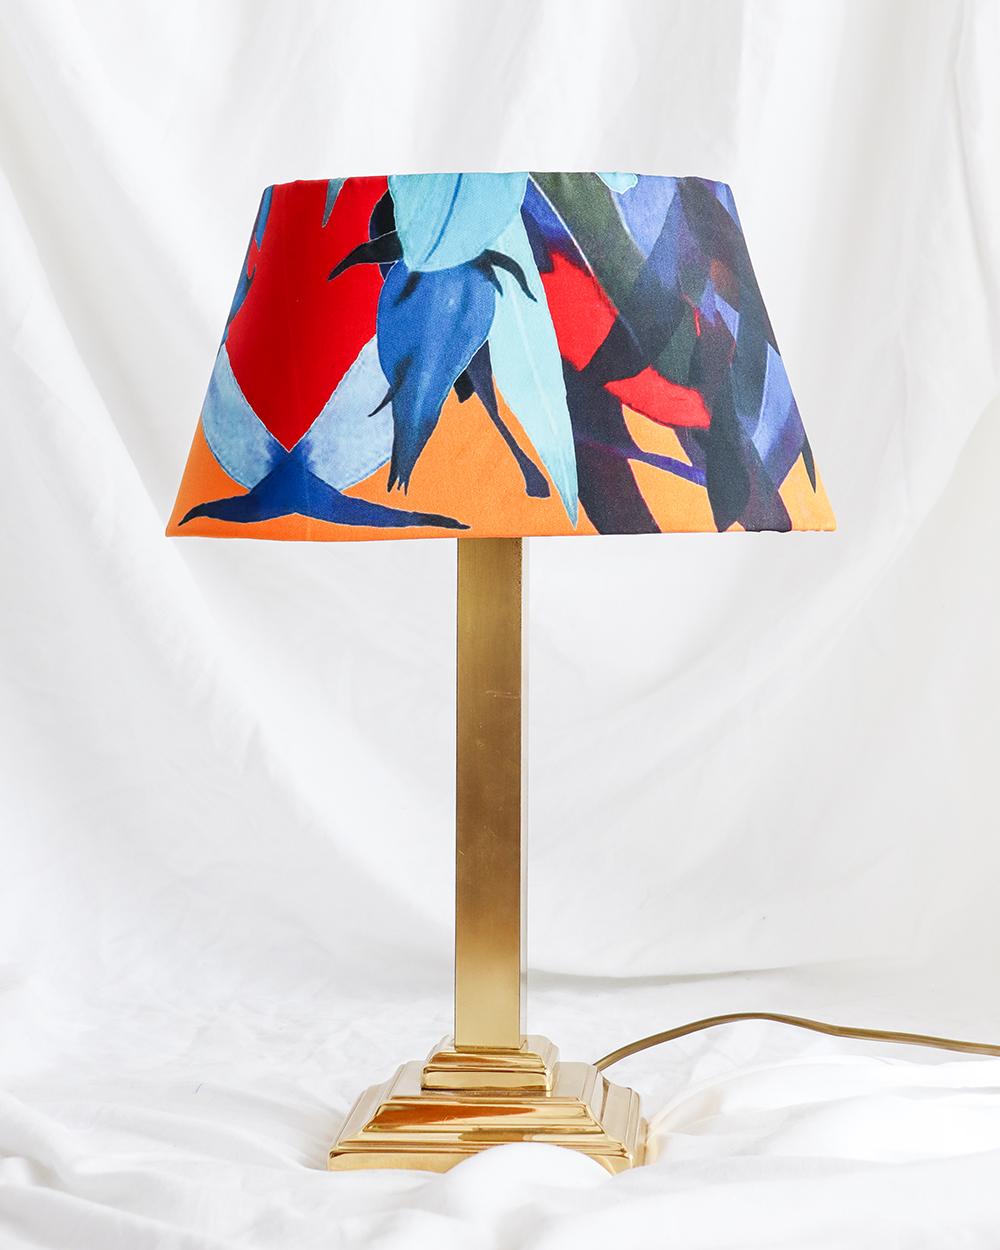 je suis flore, lamp, lampen, lampenkap, jungle lampenkap, zijde lampenkap, zijde jungle lampenkap, gouden lamp